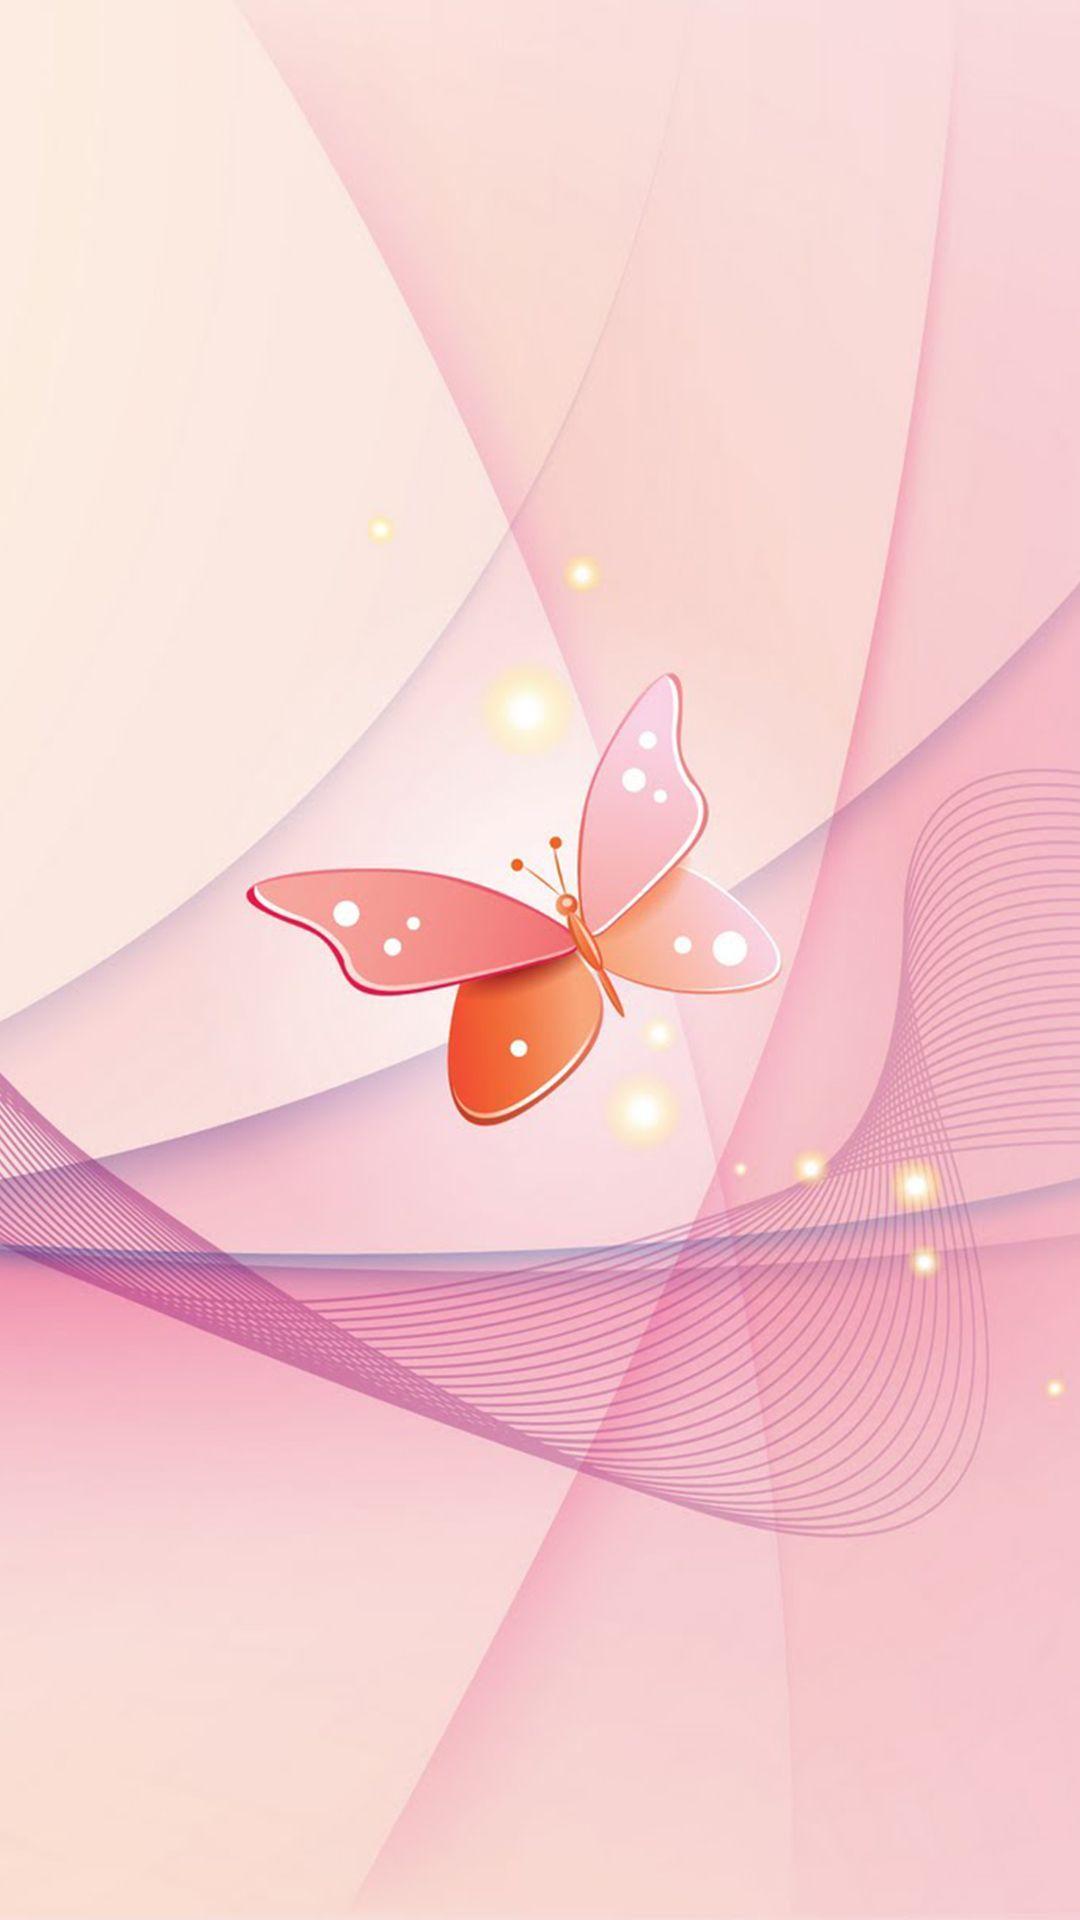 Hình nền iPhone 1080x1920 Pink Butterfly